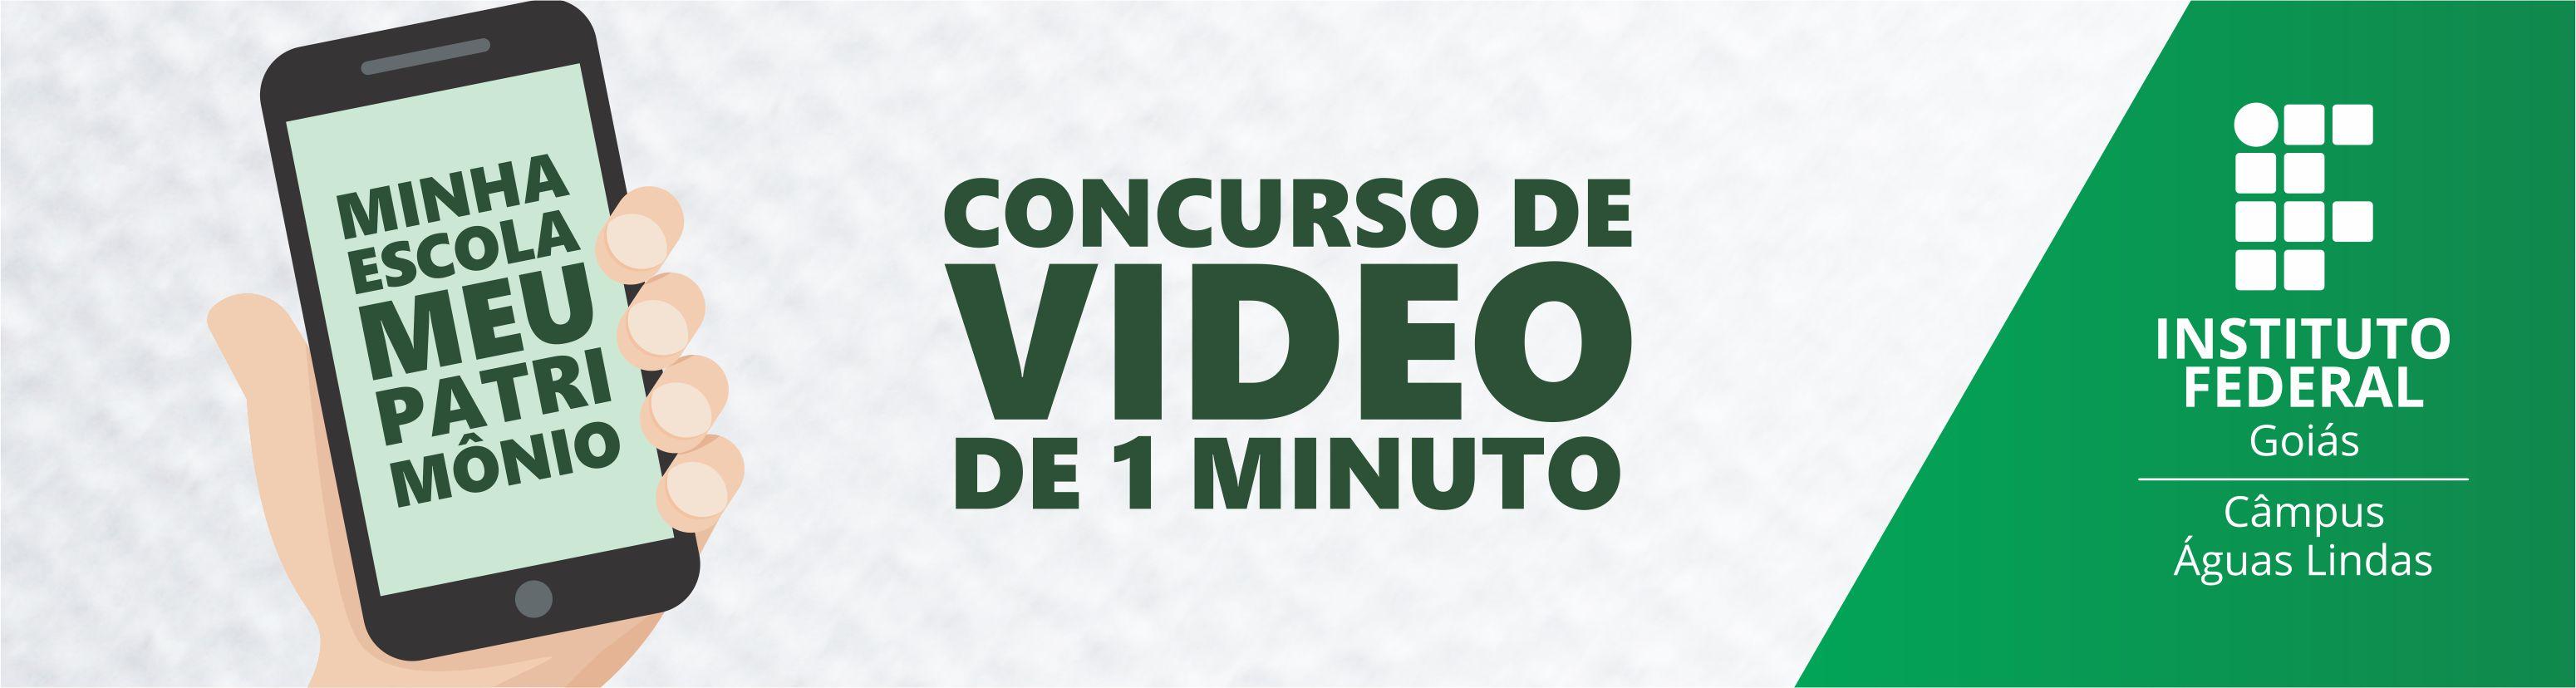 Concurso de Vídeo de 1 Minuto - Minha Escola, Meu Patrimônio